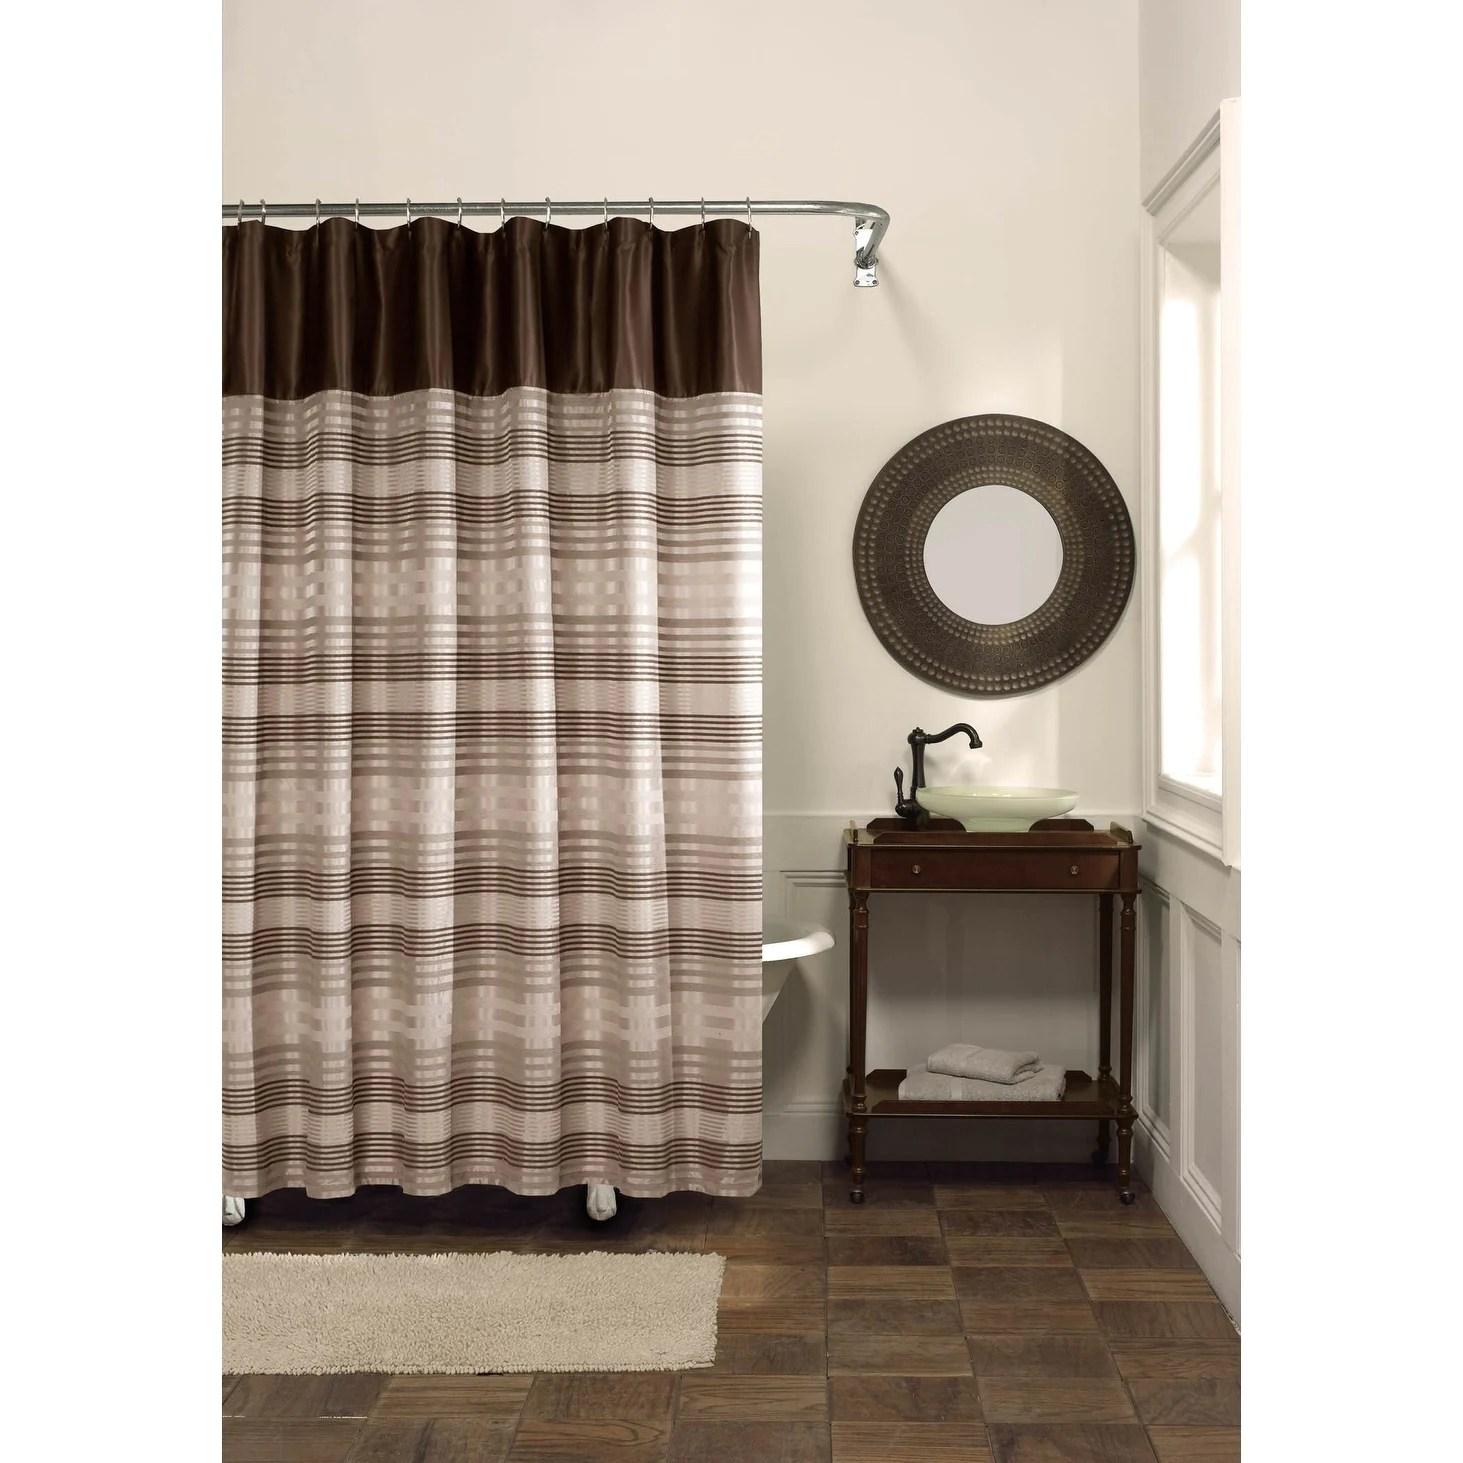 Maytex Blake Fabric Shower Curtain